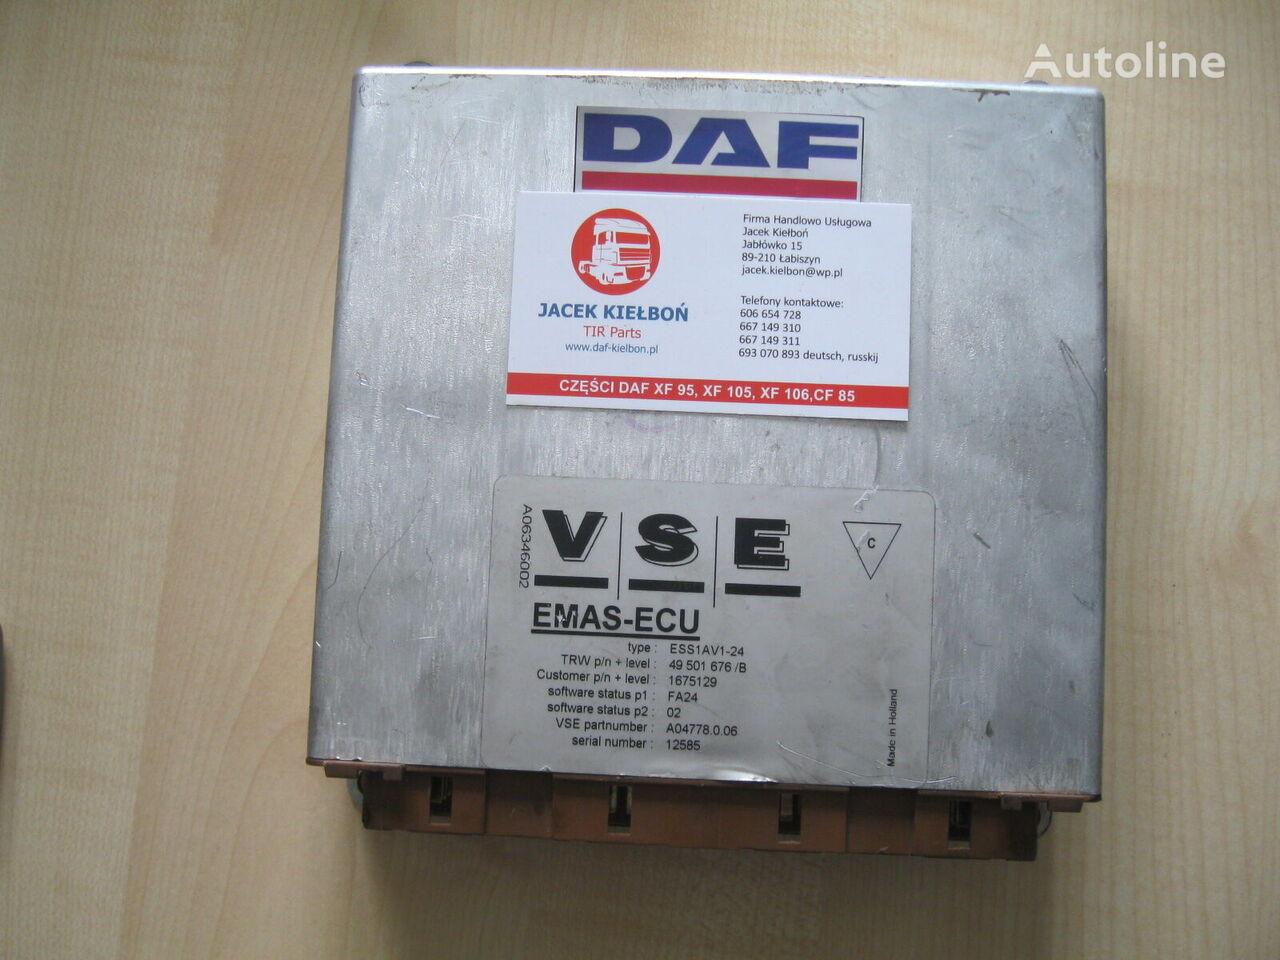 VSE EMAS OSI SKRĘTNEJ control unit for DAF XF 105 BDF truck